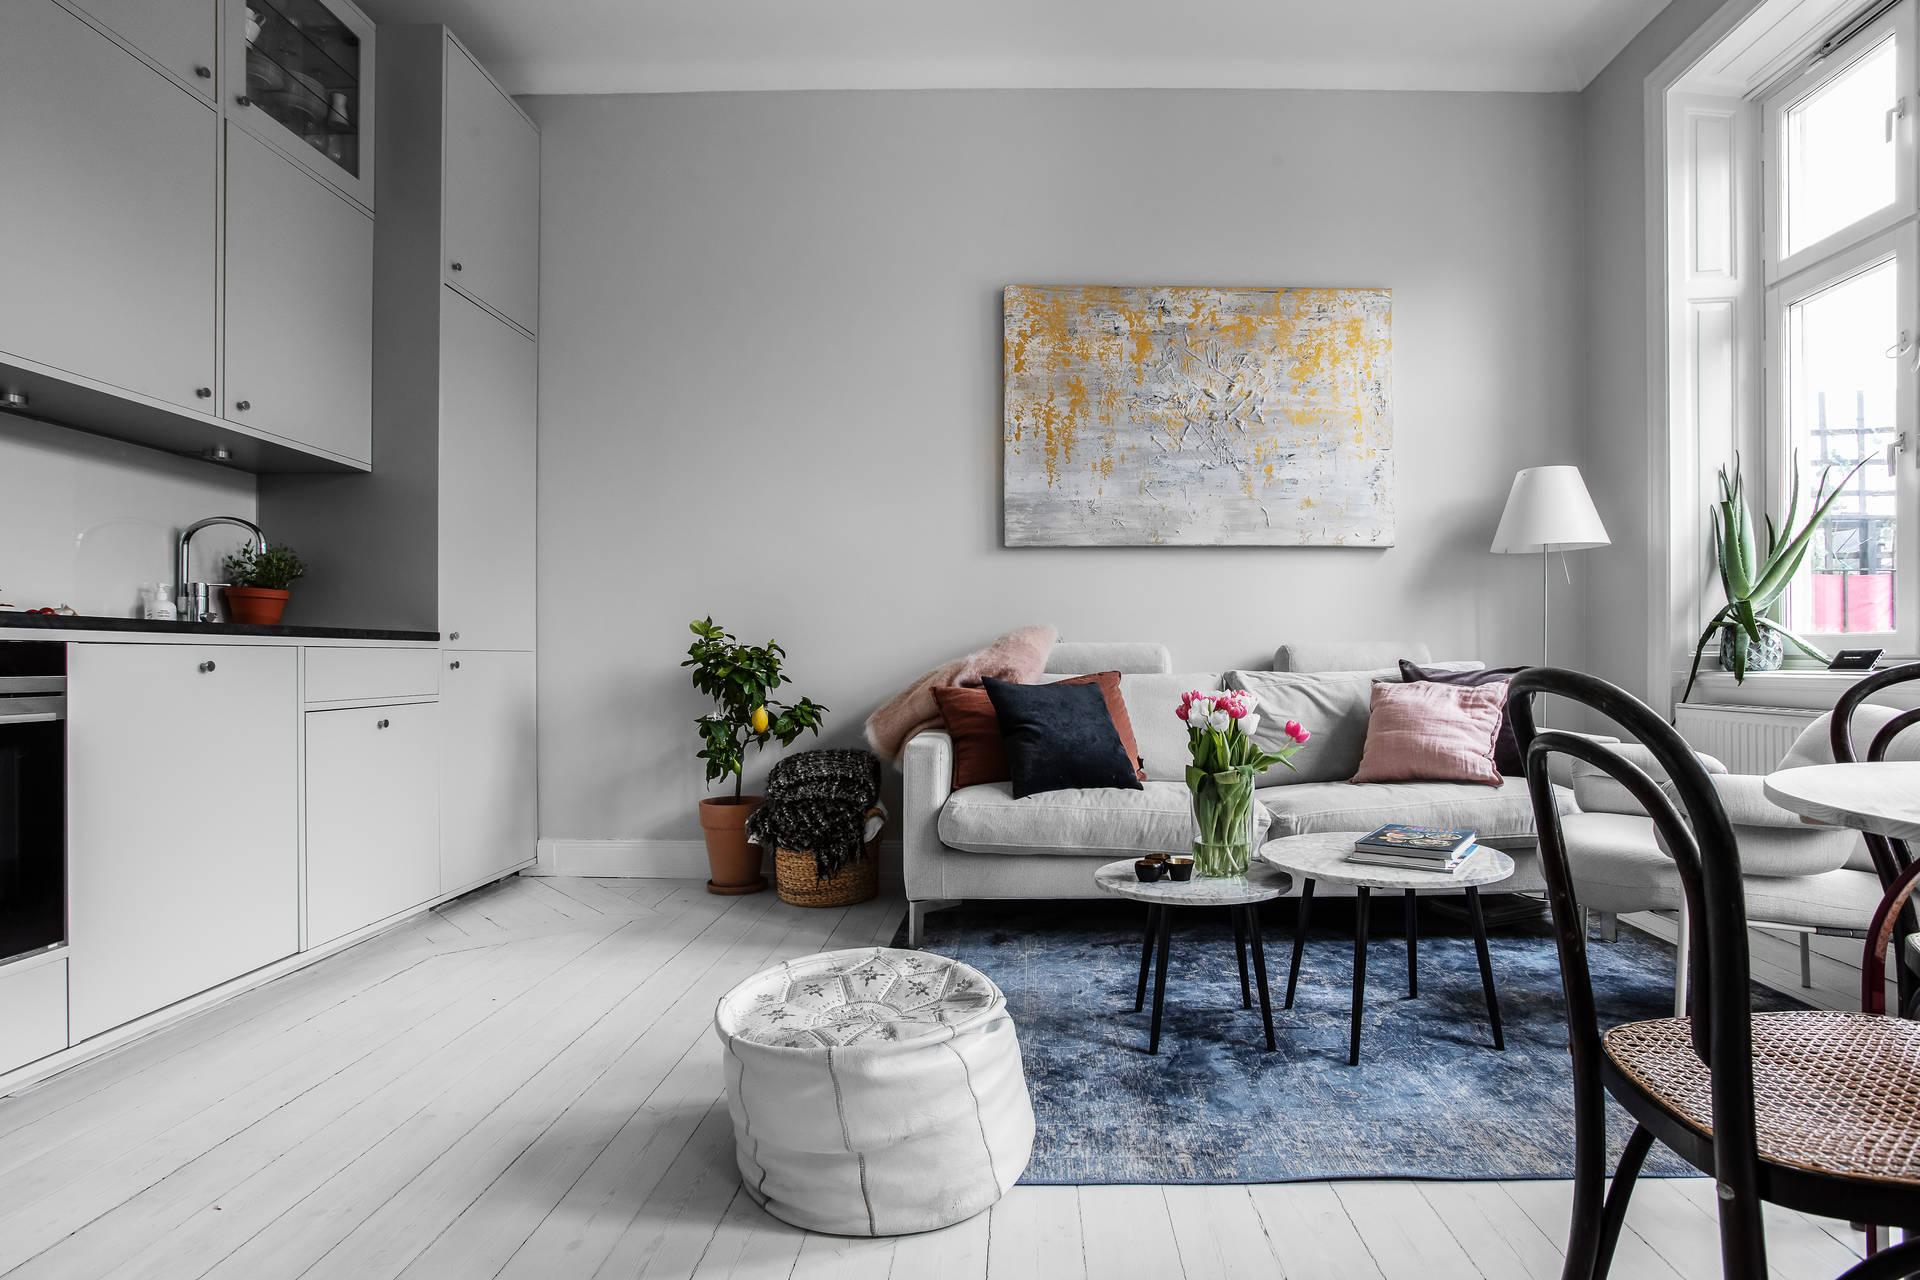 Căn hộ 39m² đẹp ngọt ngào trẻ trung với điểm nhấn từ màu pastel - Ảnh 4.